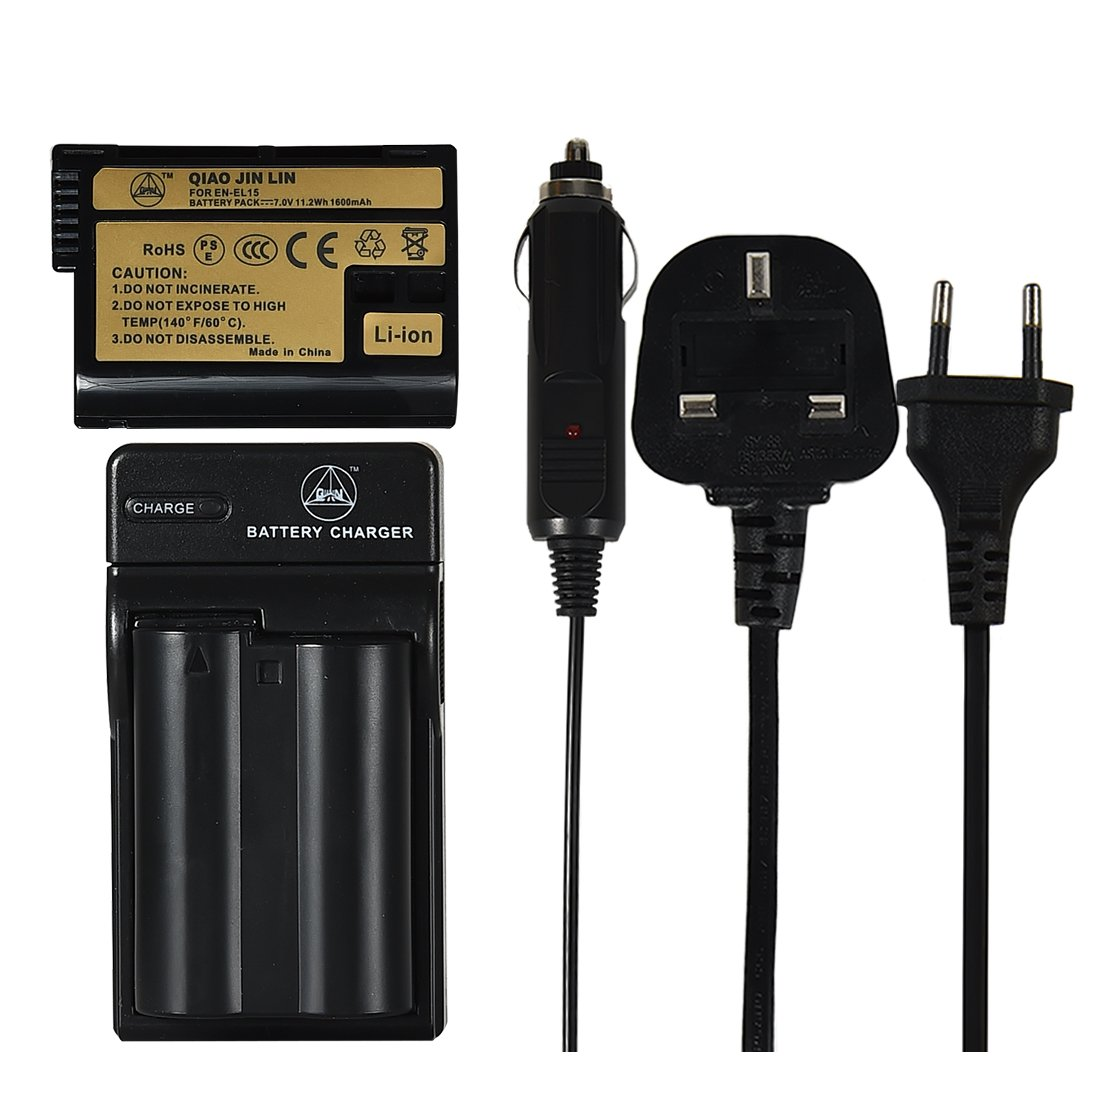 QIAOJINLIN 2 Pack batería y AC Adaptor Cargador Compatible para ...